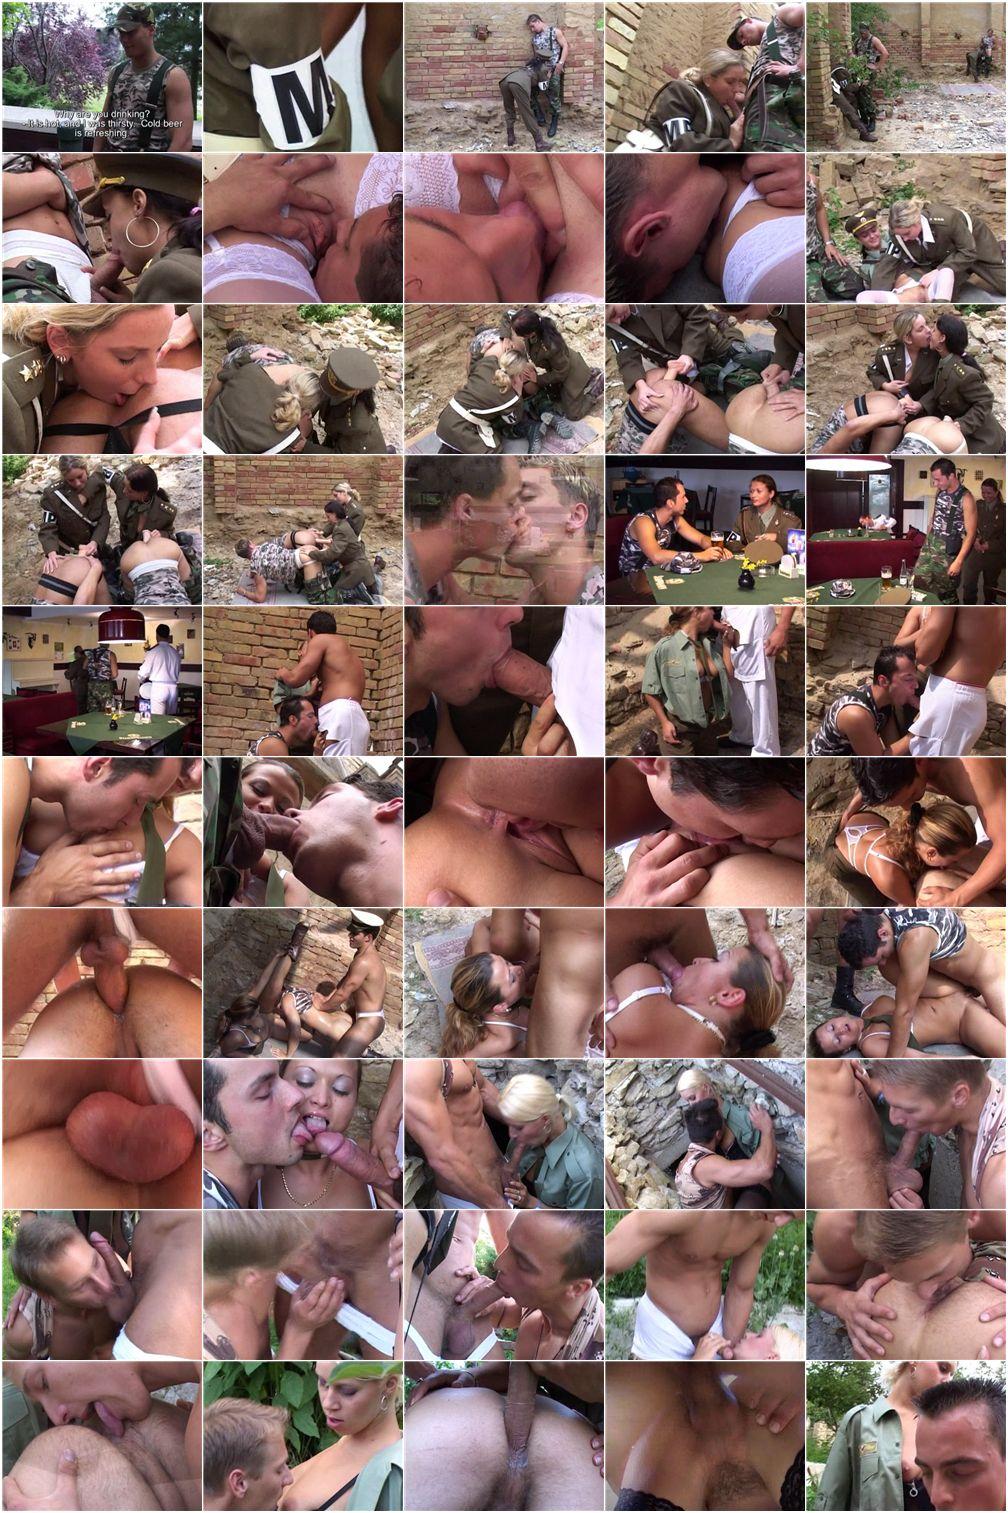 film-v-uniforme-porno